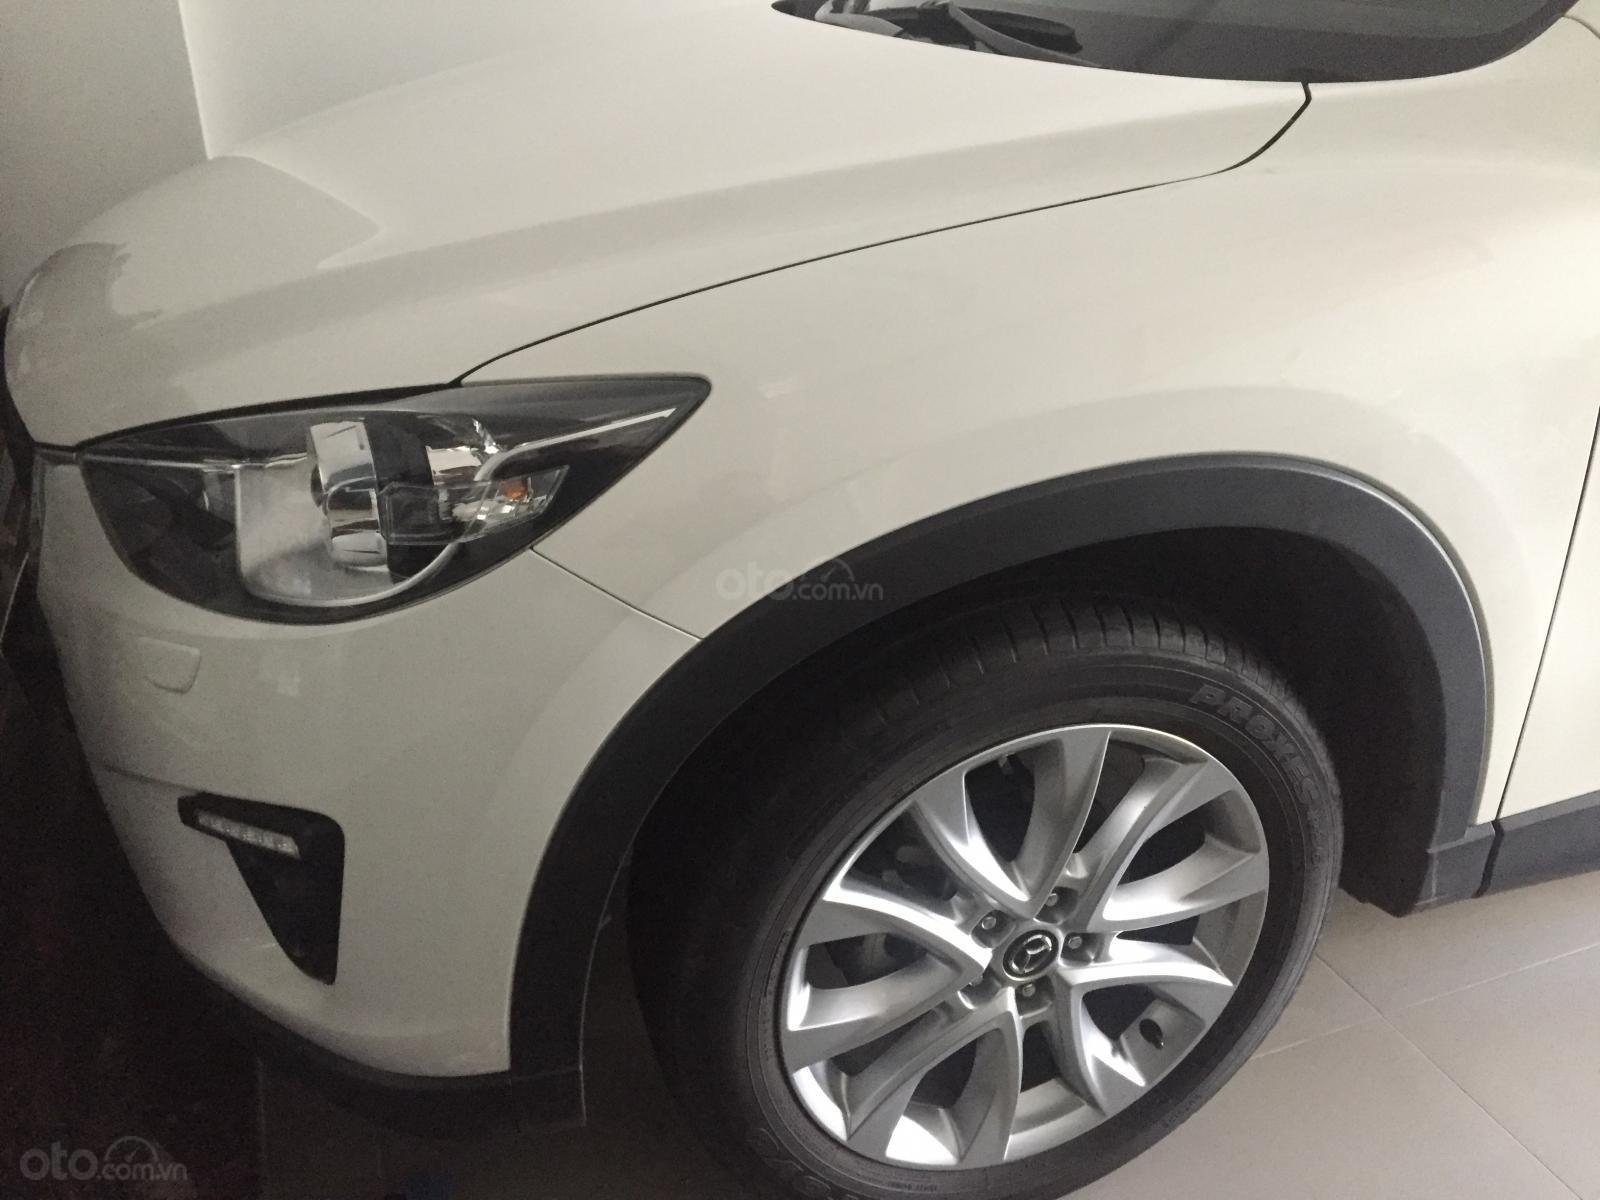 Cần bán xe Mazda CX 5 2.0 AT 2WD đời 2014, màu trắng-4